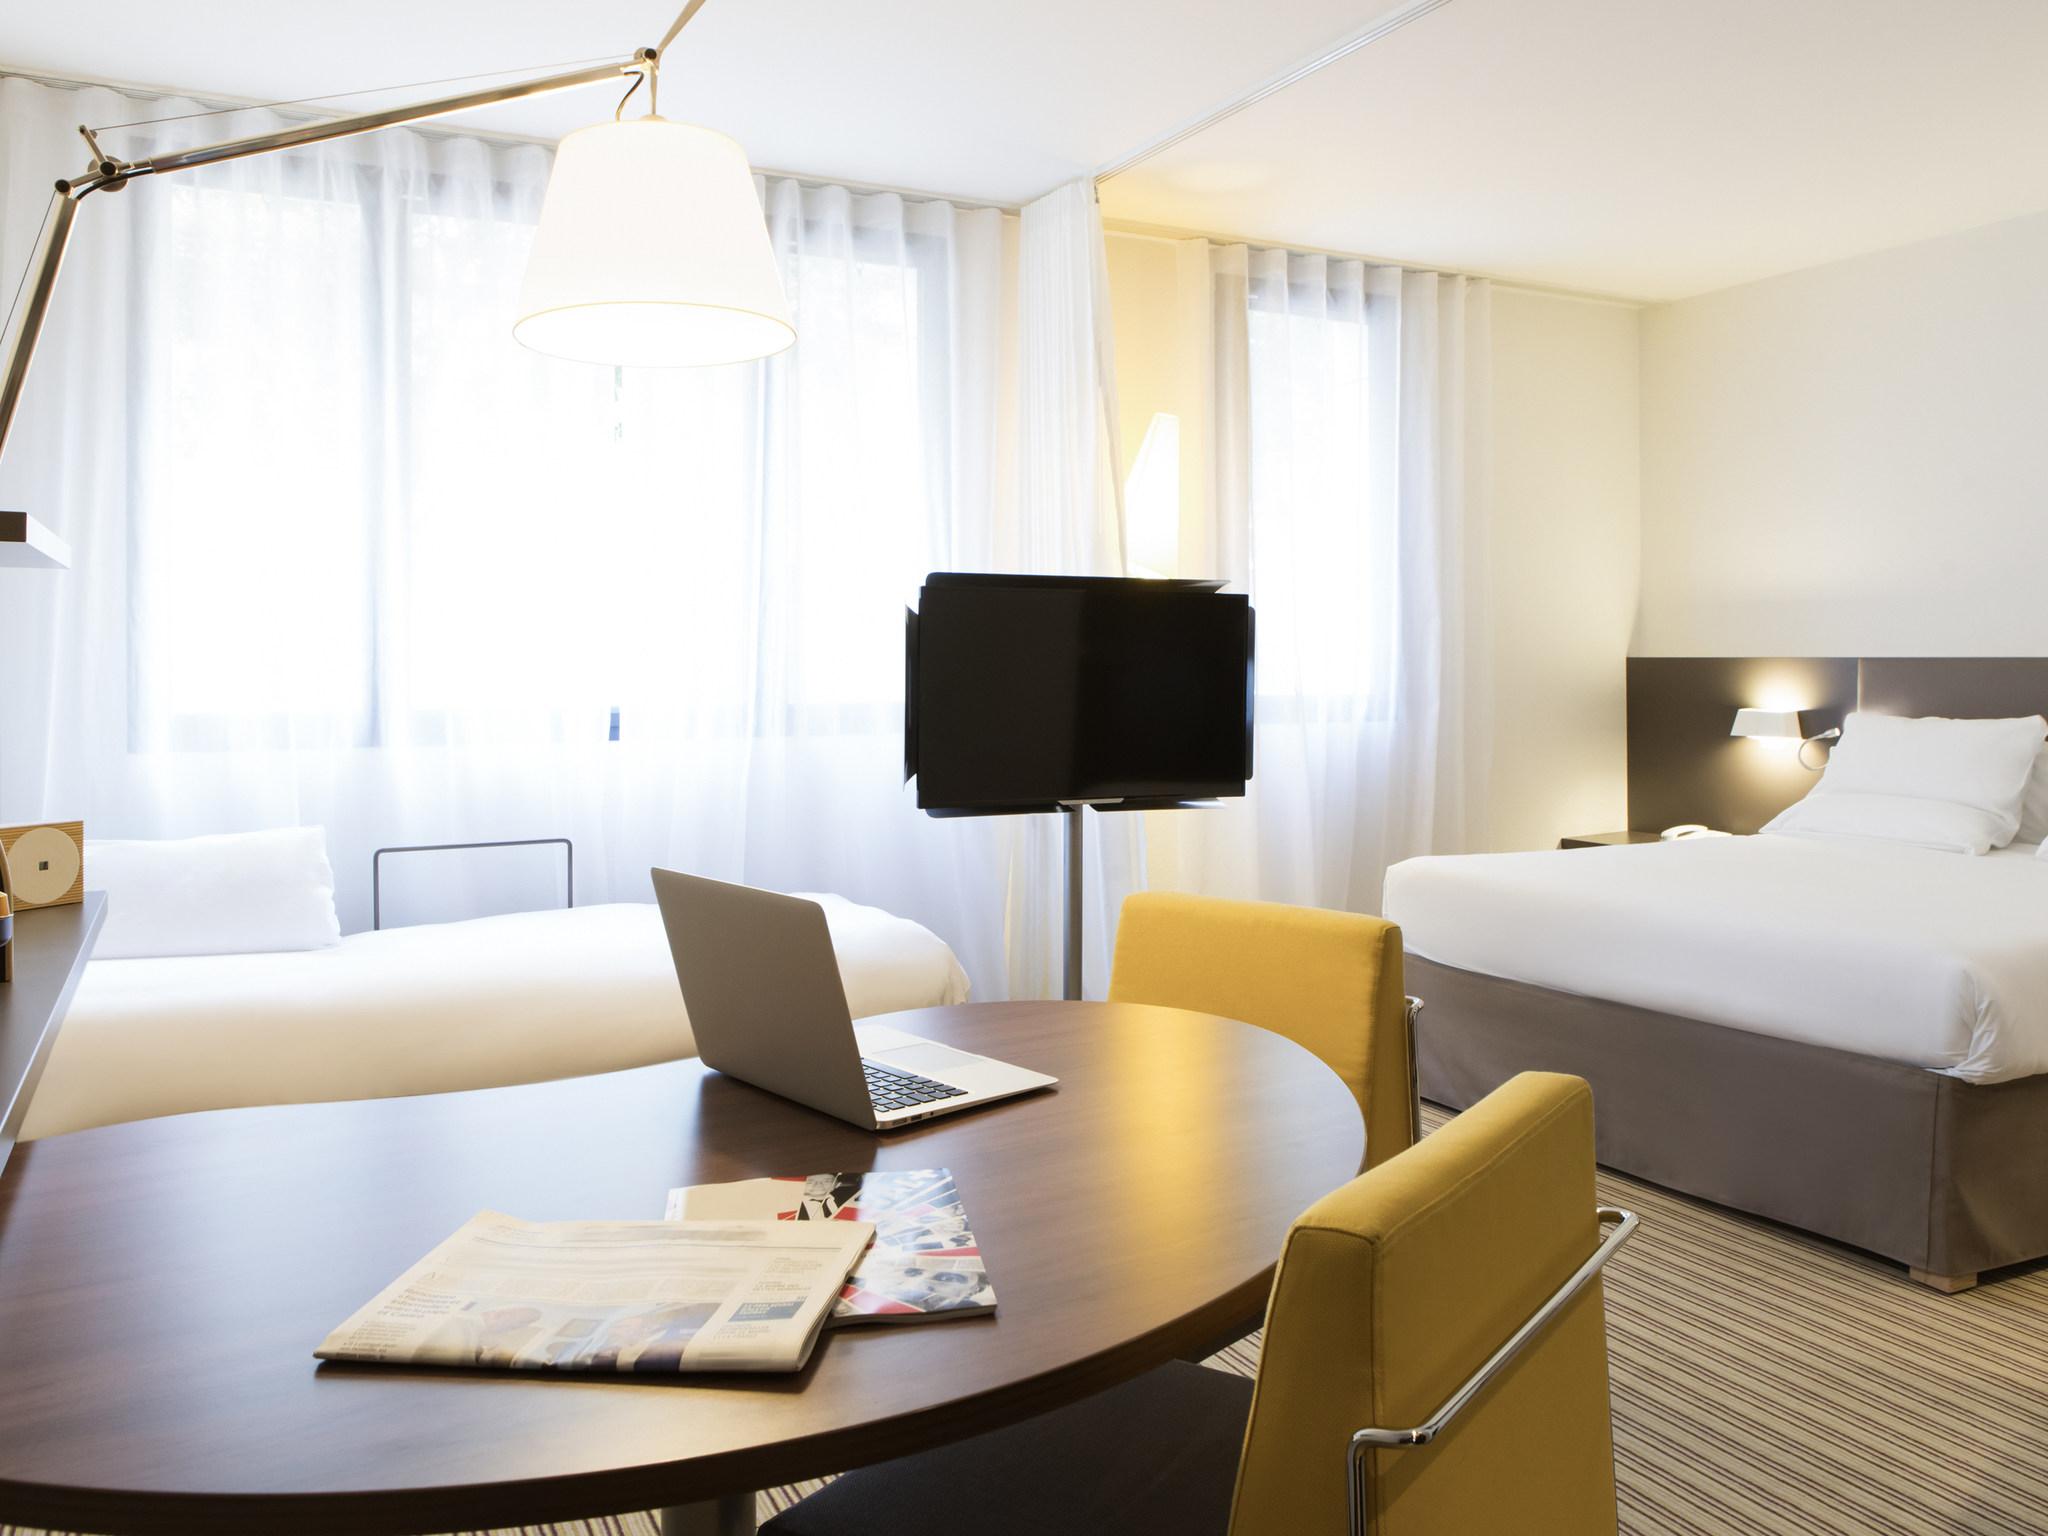 酒店 – 巴黎吕埃尔马尔迈松诺富特套房酒店